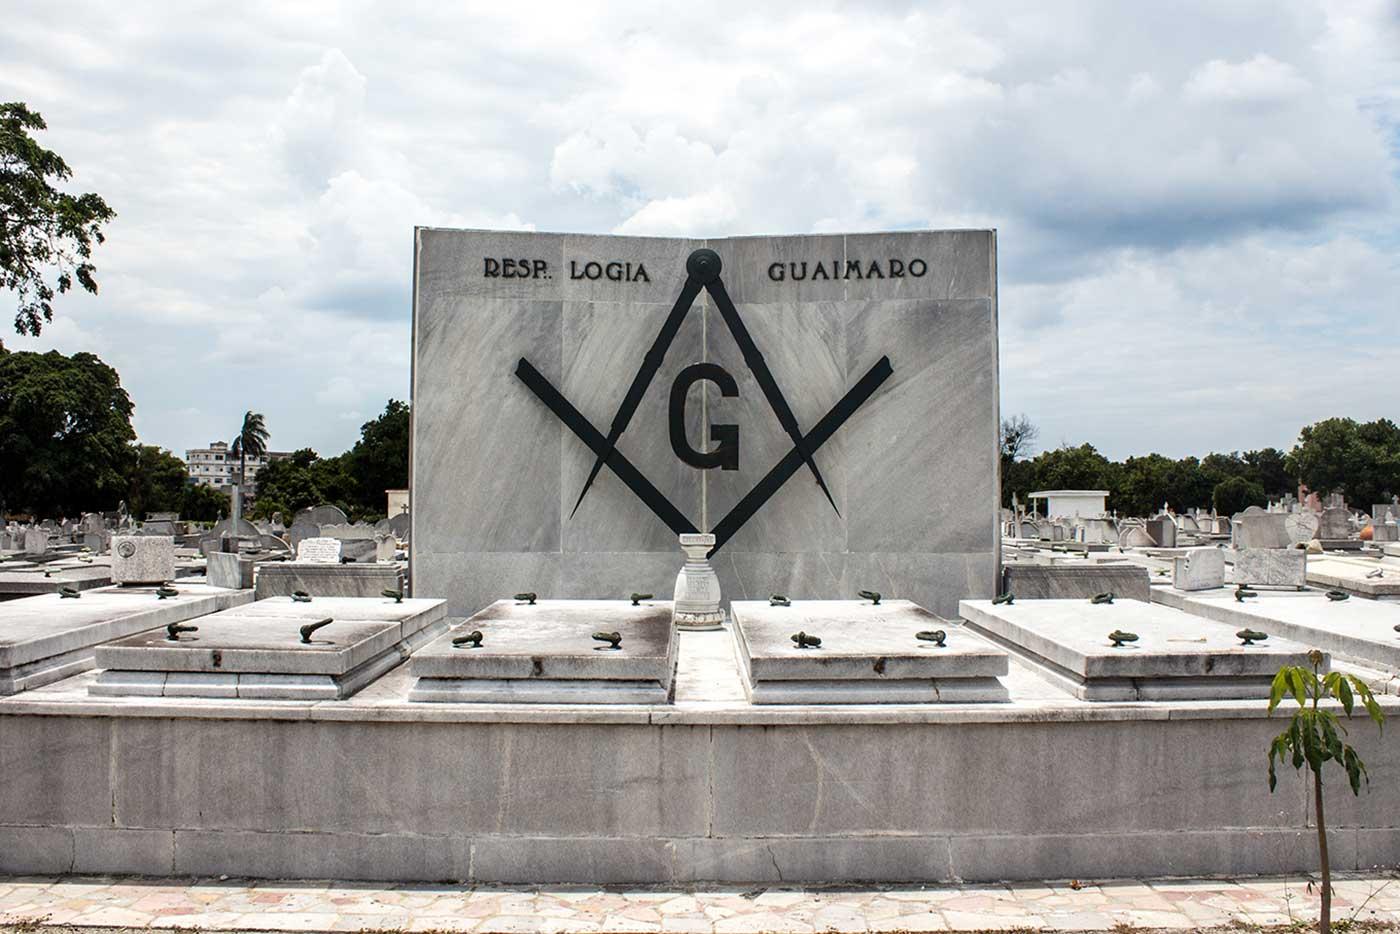 Memorial plot for 'Respetable Logia Guaimaro': Necrópolis Cristóbal Colón, Havana, Cuba.